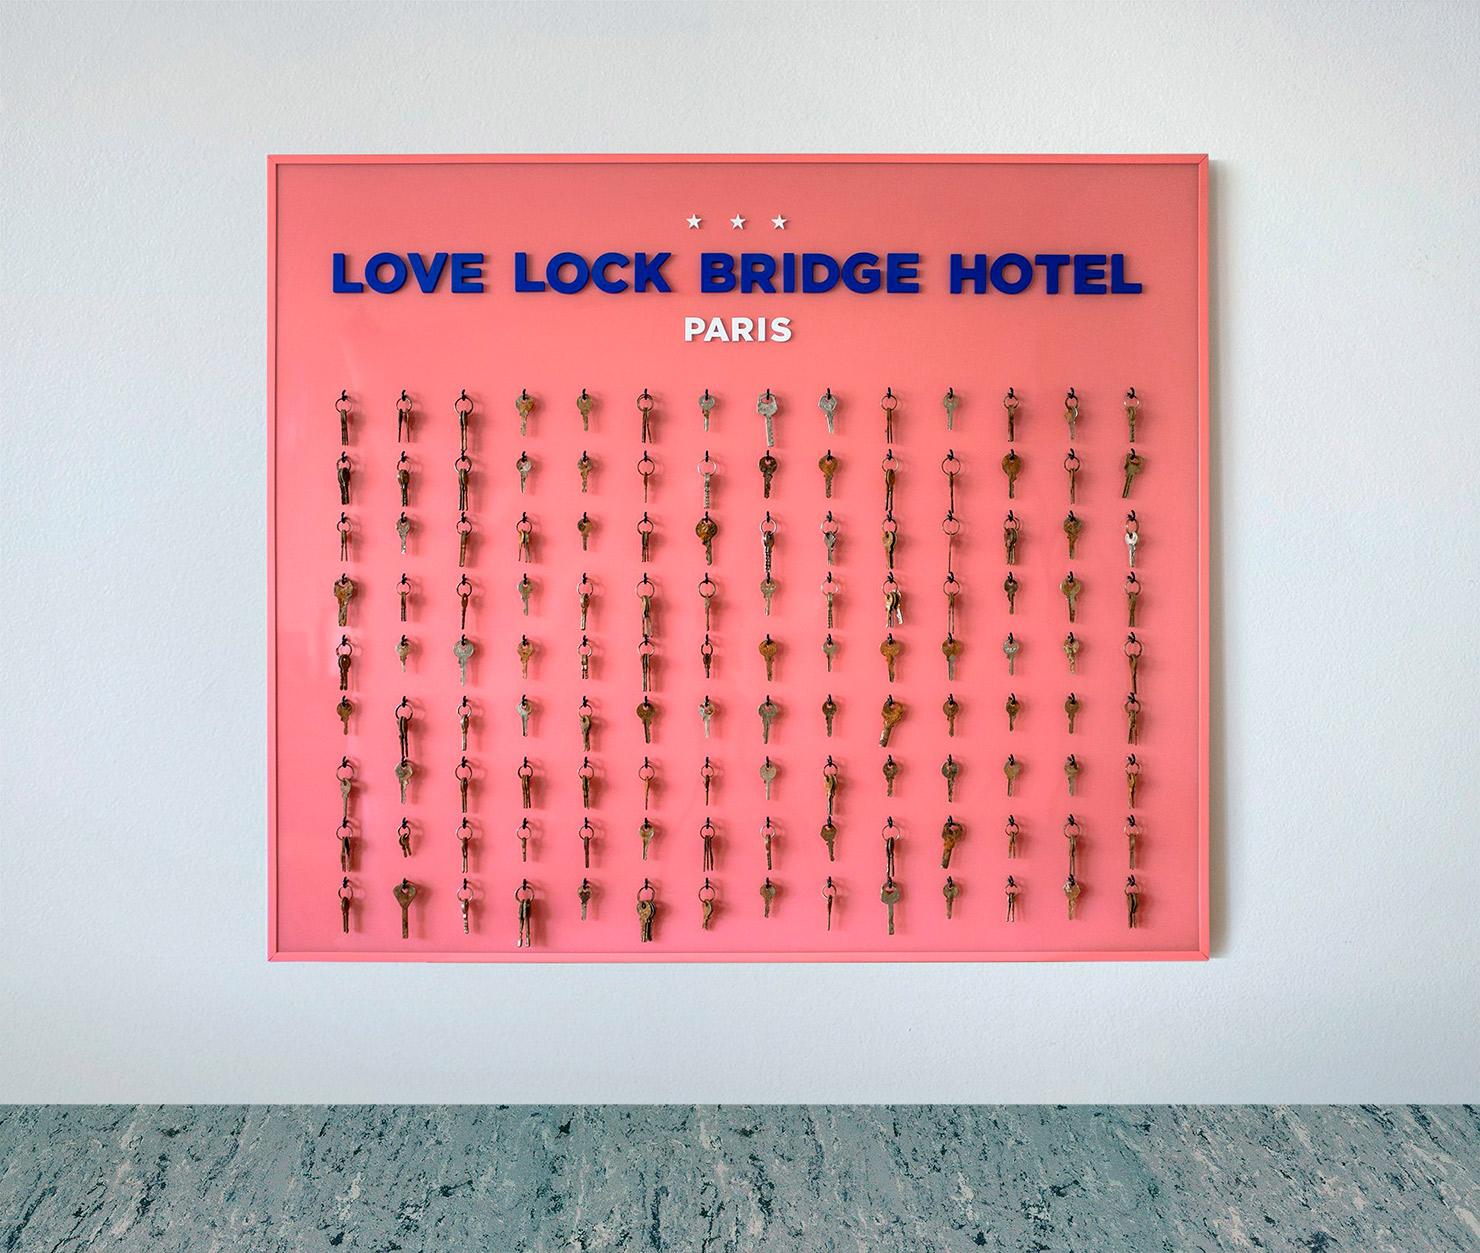 L'oeuvre love lock bridge hotel réalisée par jonathan bréchignac